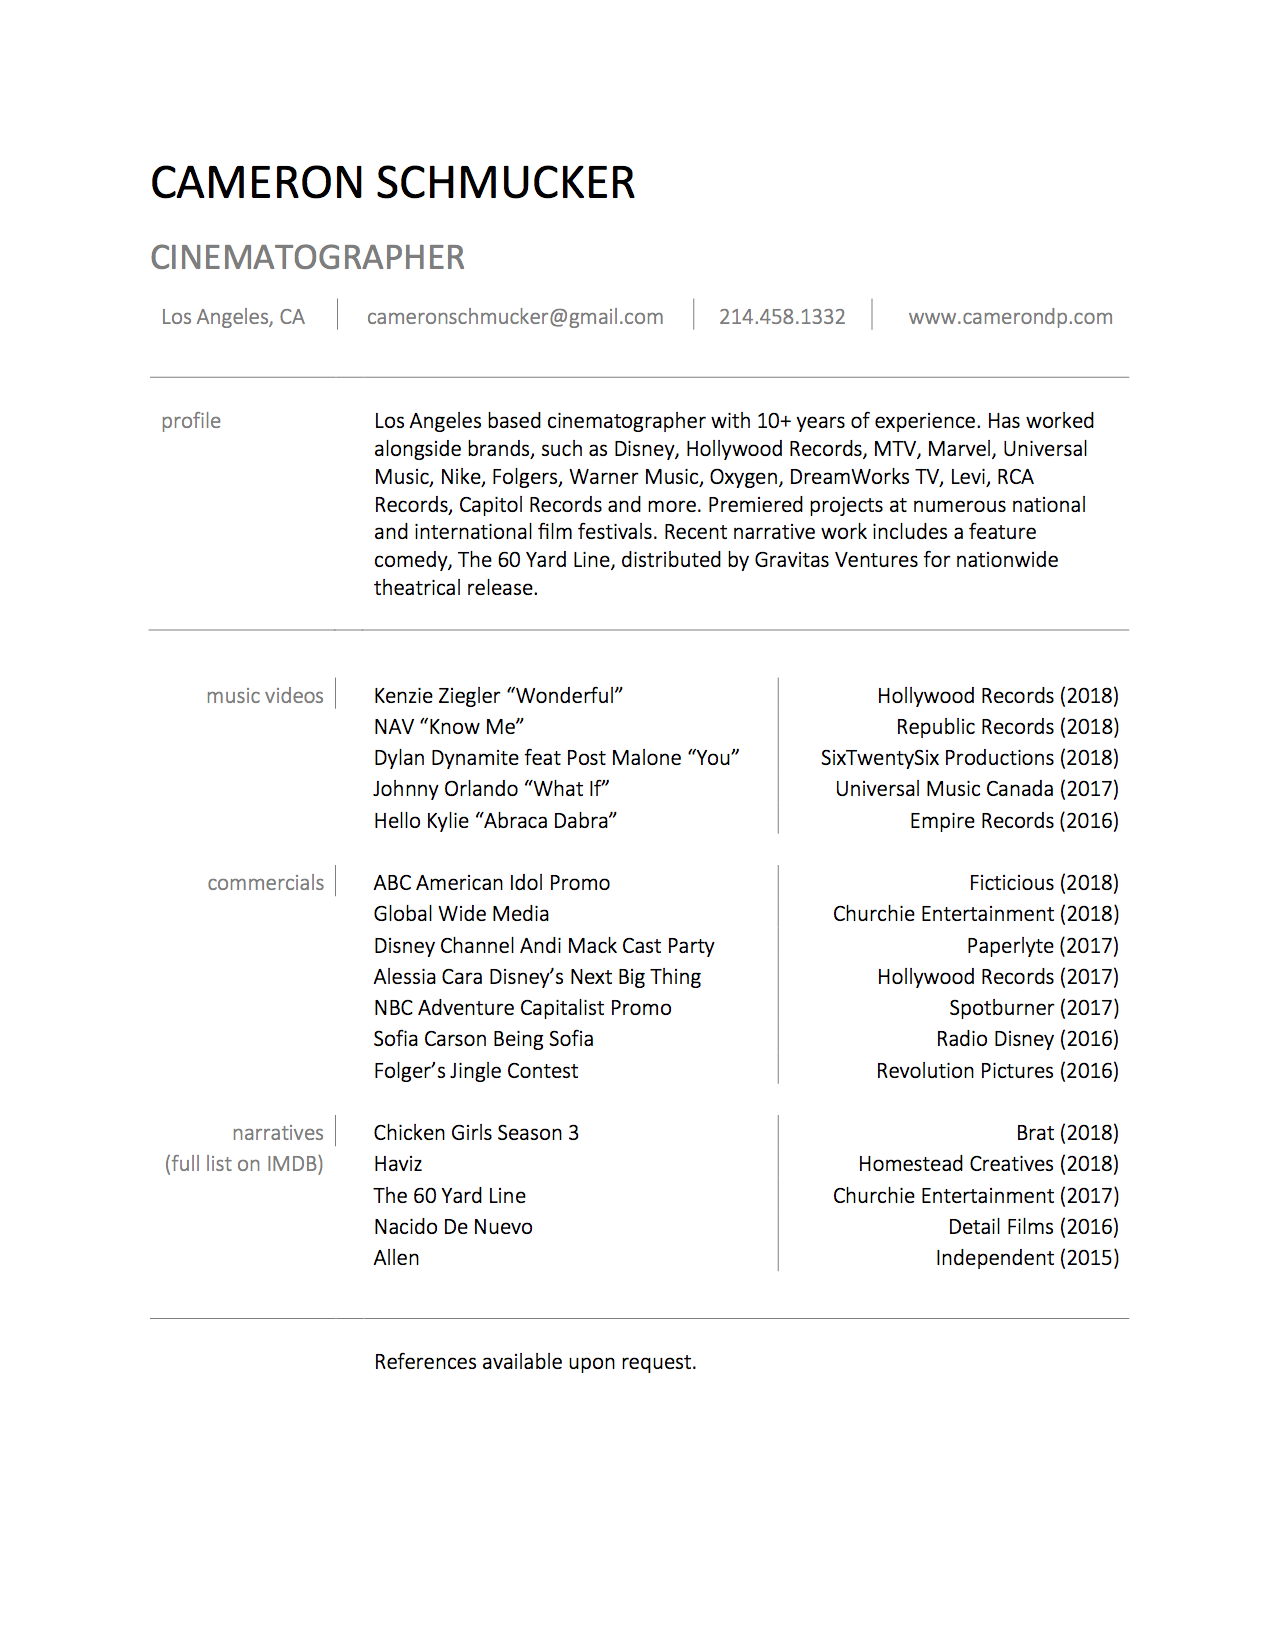 CAMERON SCHMUCKER CV 2019.png